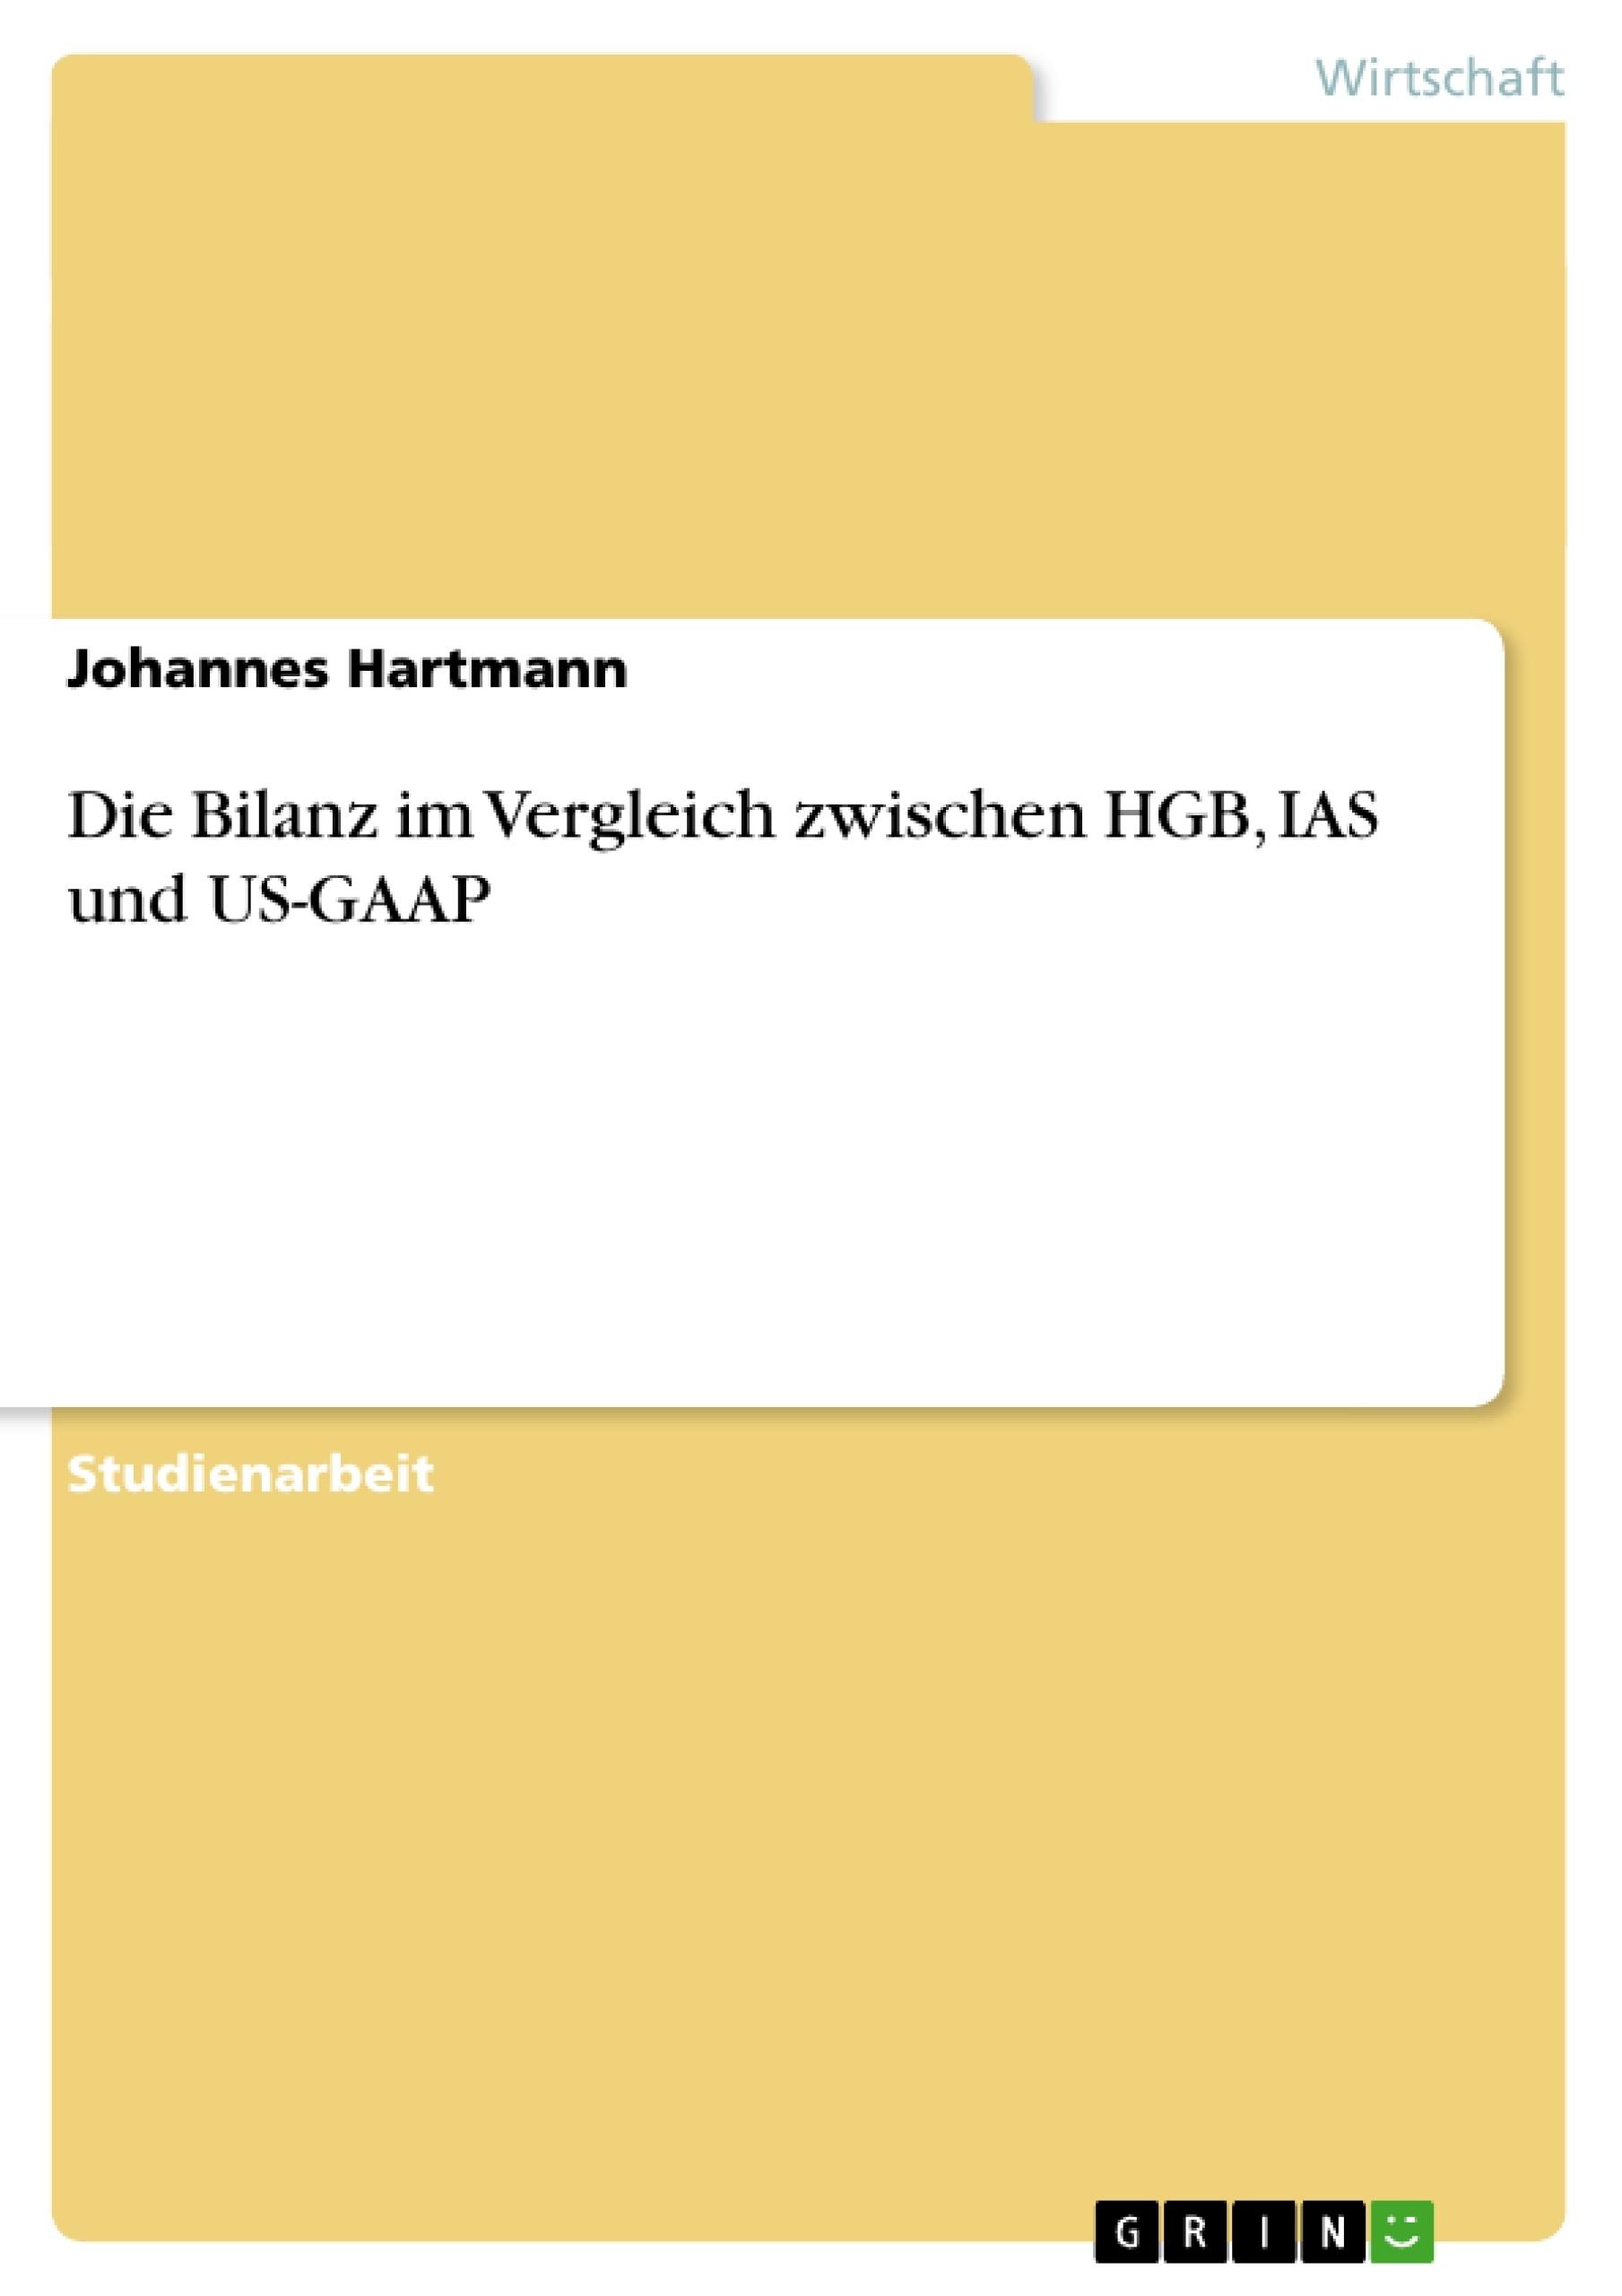 Titel: Die Bilanz im Vergleich zwischen HGB, IAS und US-GAAP